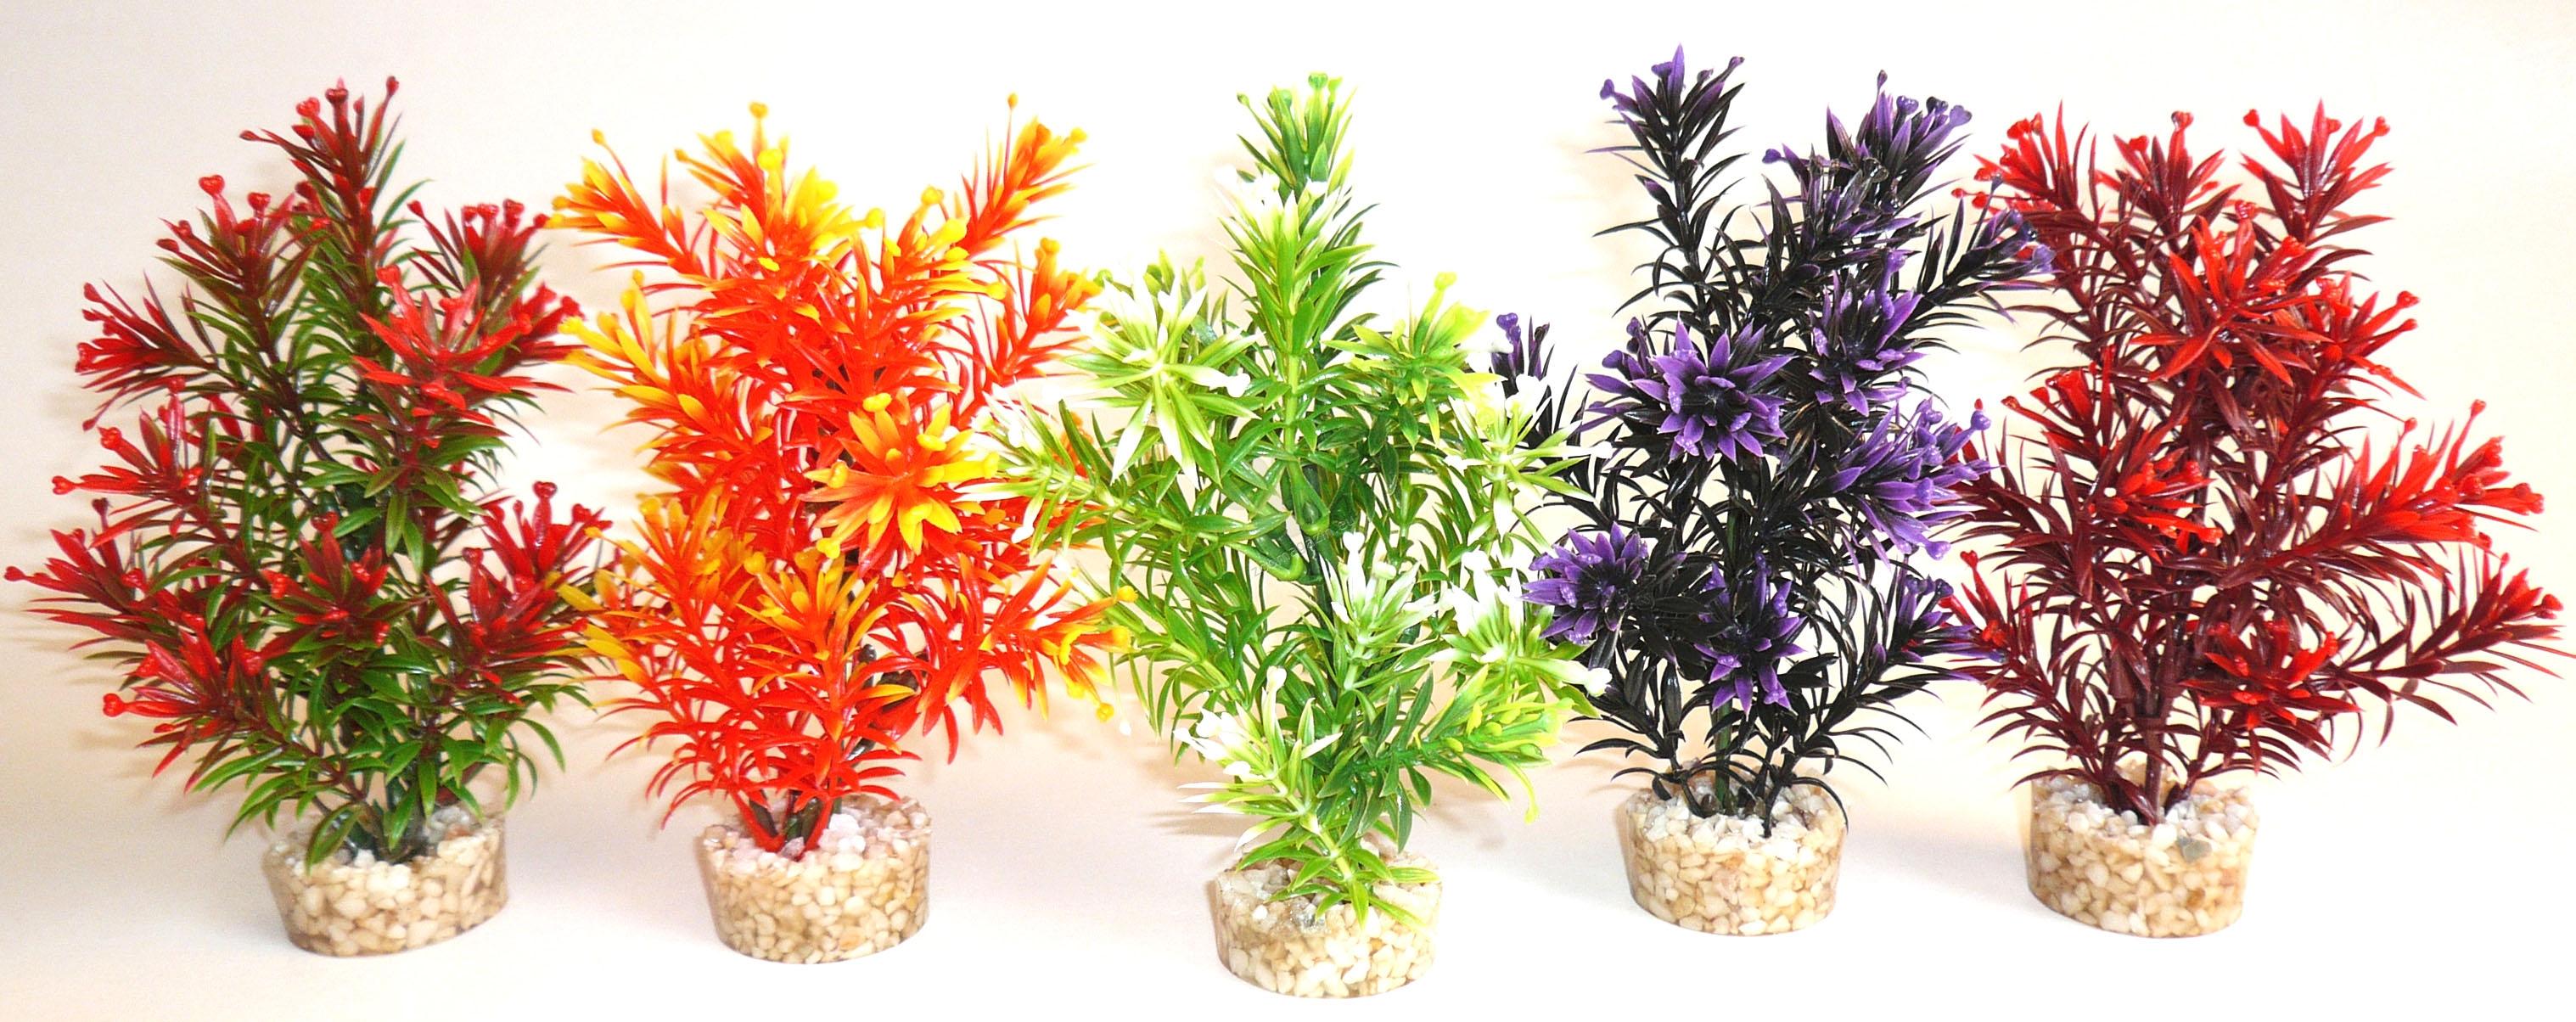 Sydeco Tropica 20 см. / червено, зелено, лилаво, бордо, оранжево /